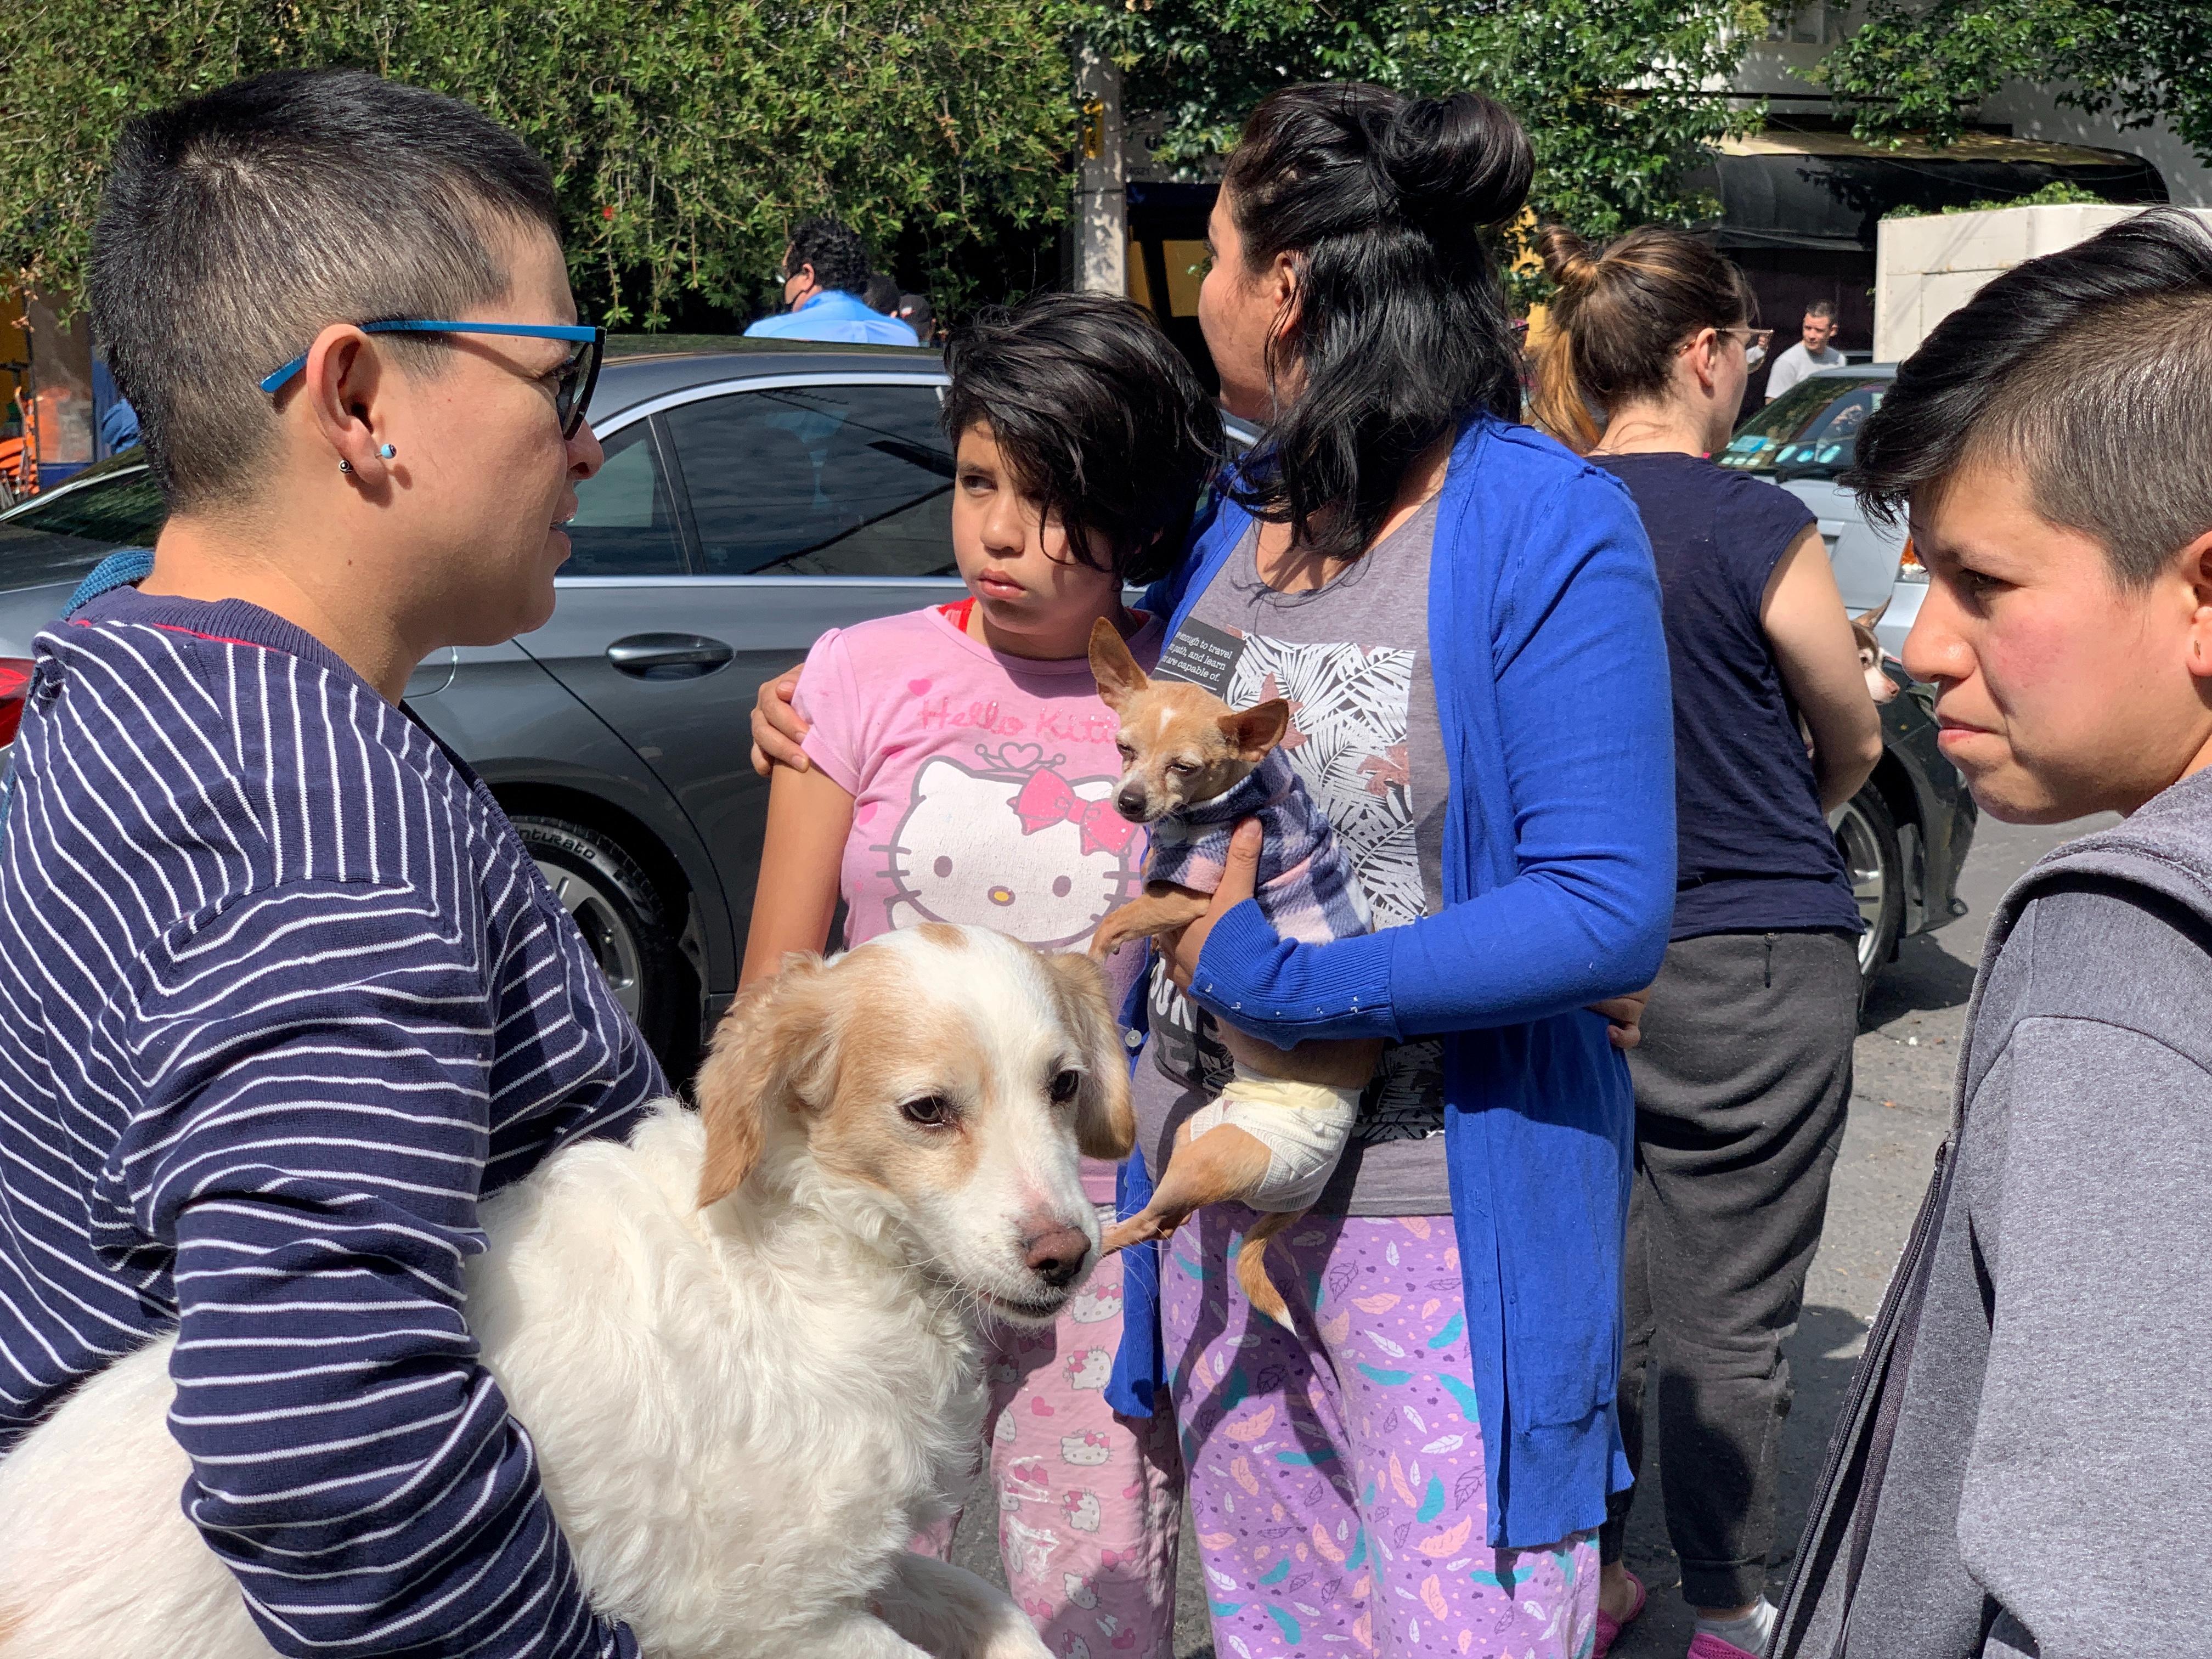 La gente reacciona después de un terremoto en la Ciudad de México, México, 23 de junio de 2020. Foto: REUTERS / Carlos Jasso